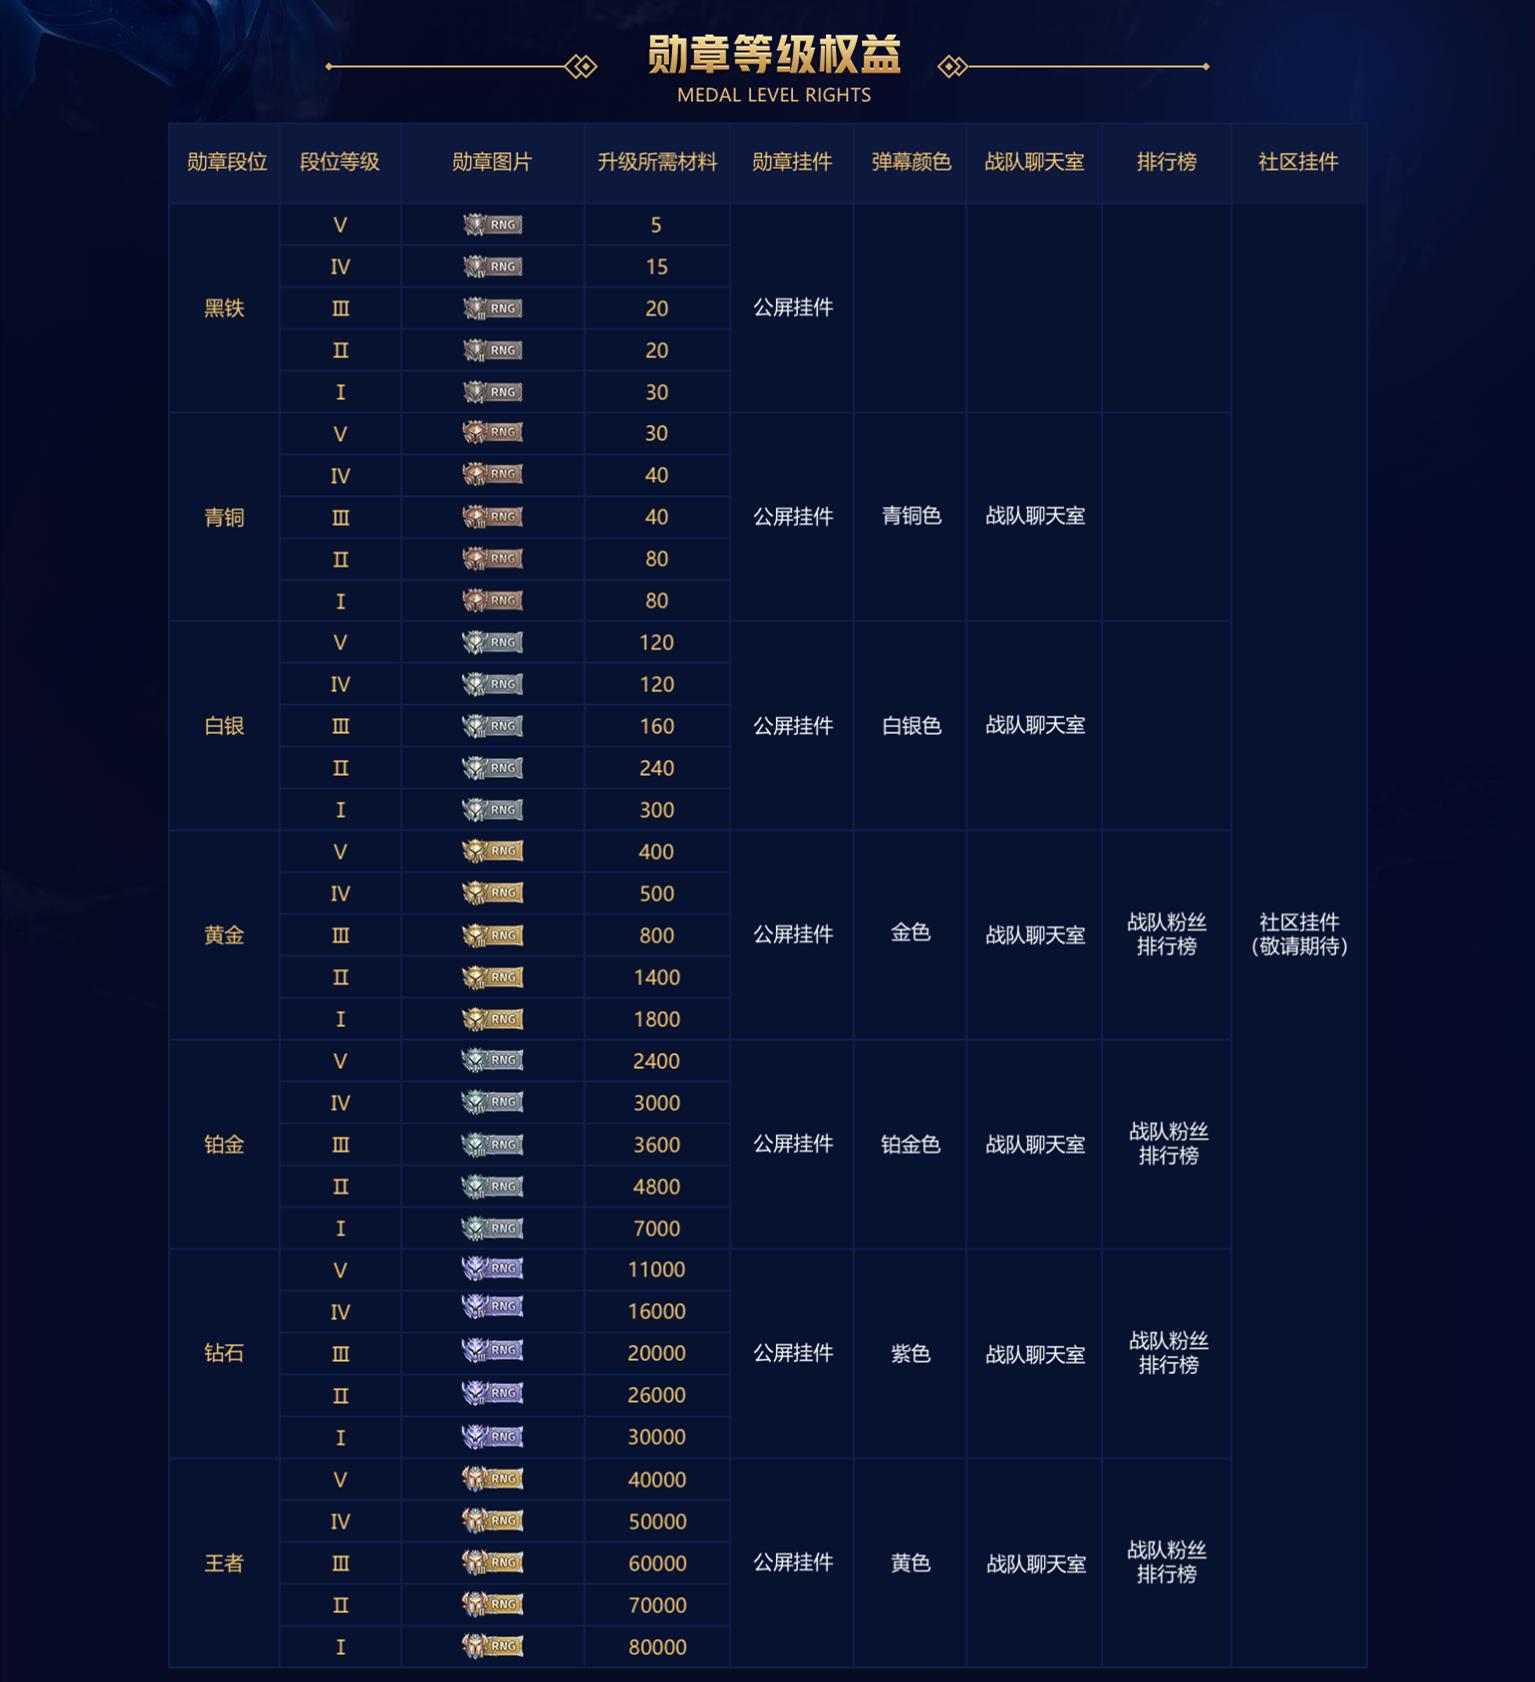 《【煜星娱乐平台首页】虎牙推出LPL勋章,网友看了RNG排名想到Uzi:如果他在就好了》